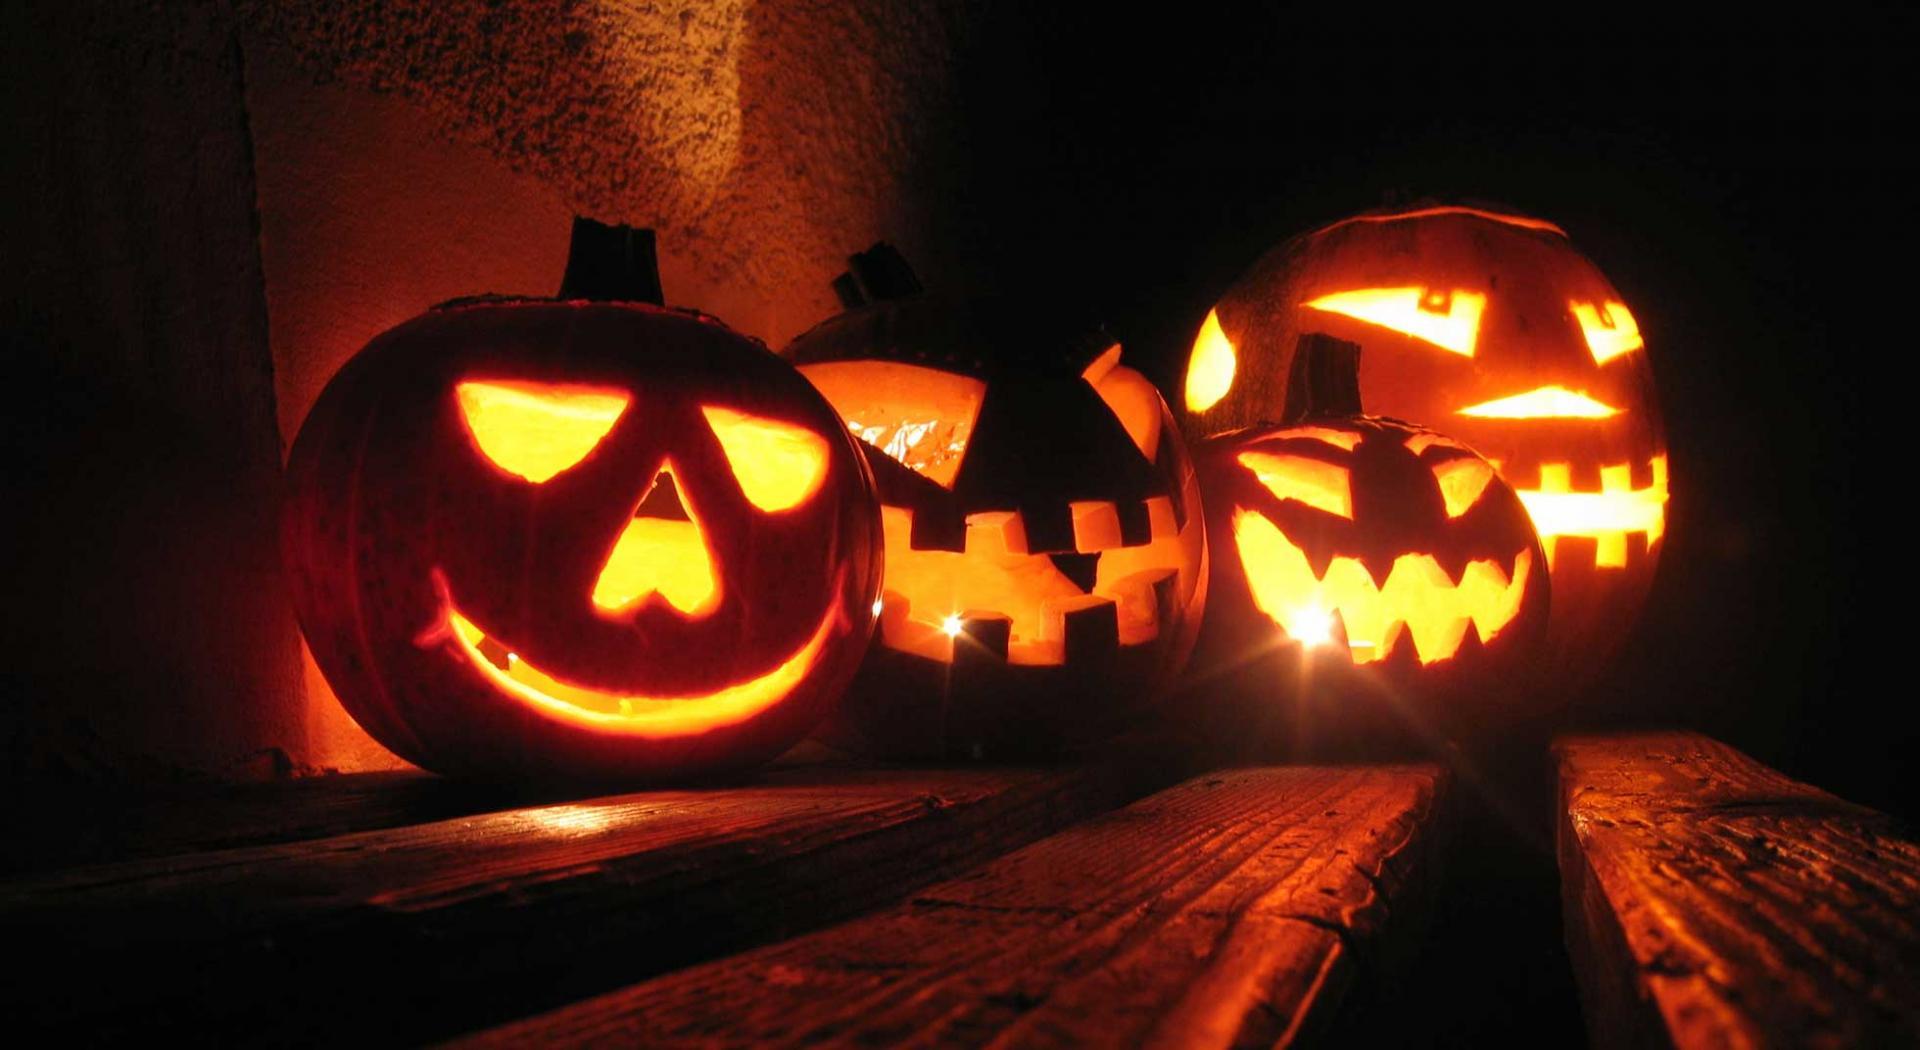 Intagliare Zucca Per Halloween Disegni come intagliare le zucche di halloween | aia food